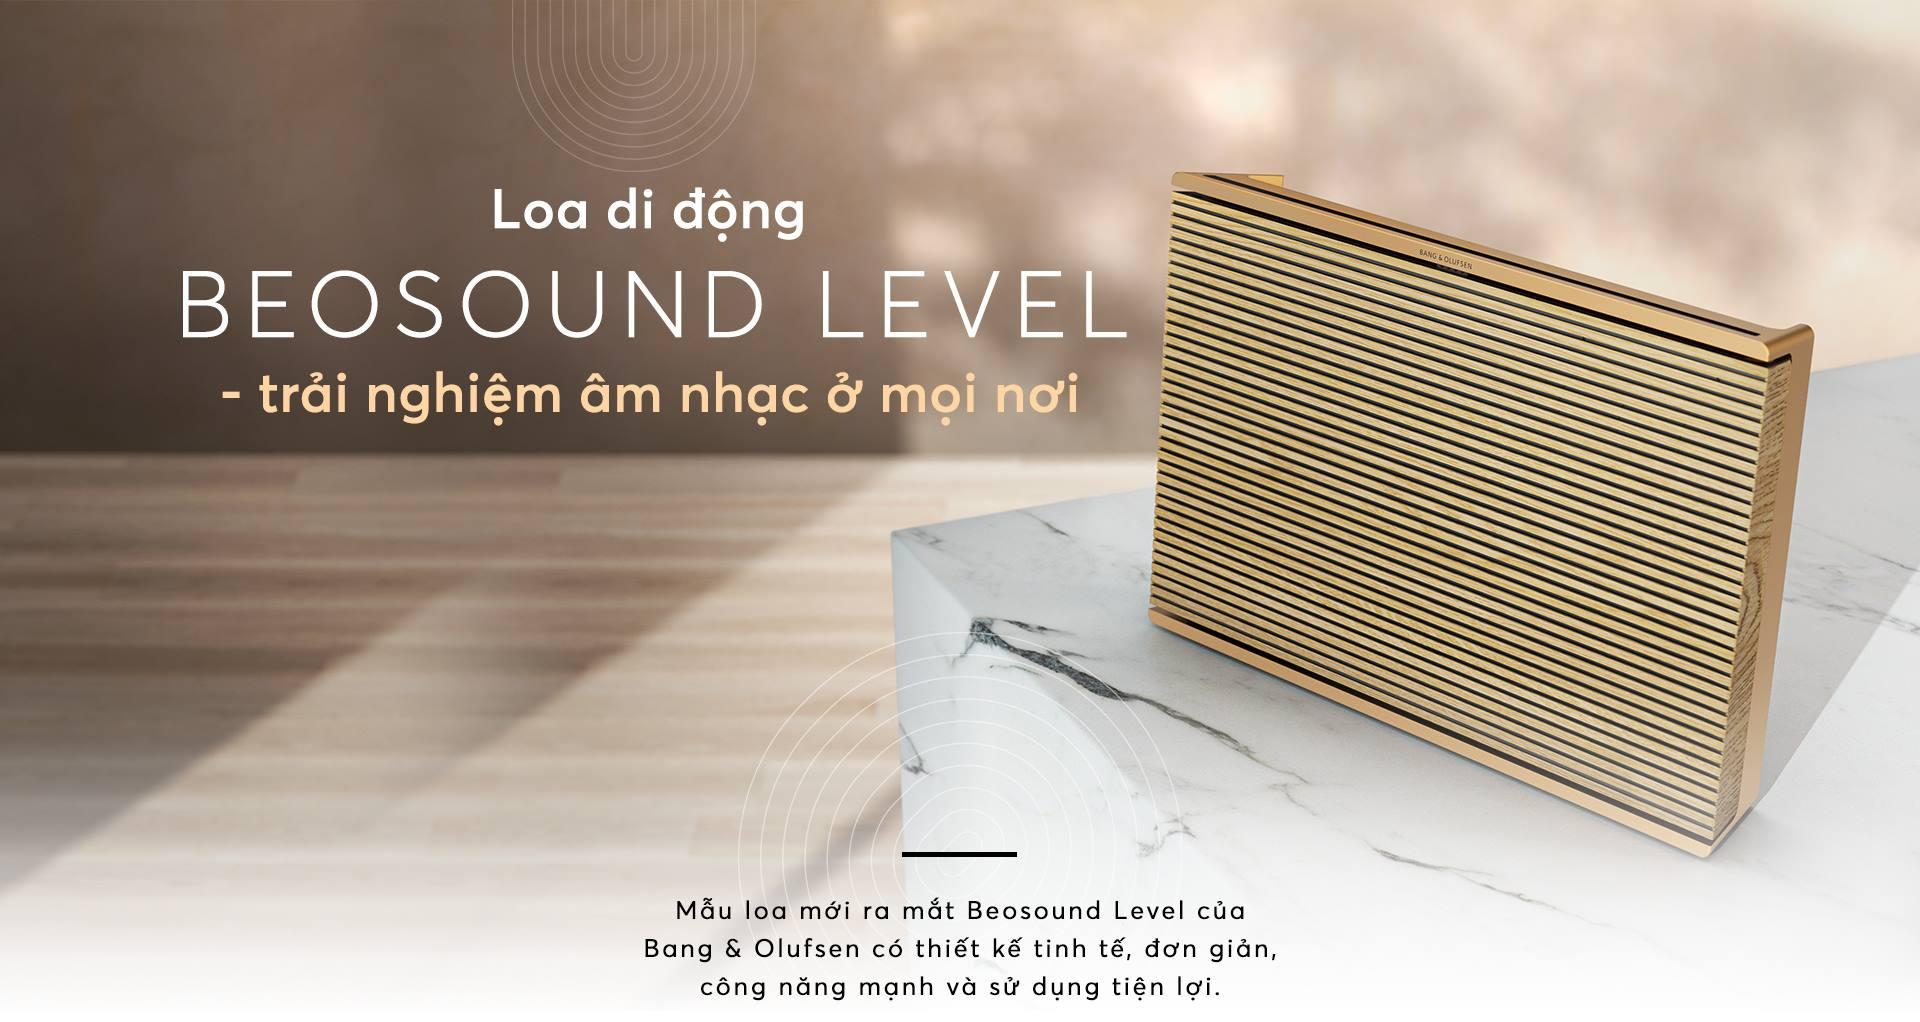 Loa di động Beosound level - trải nghiệm âm nhạc ở mọi nơi 41